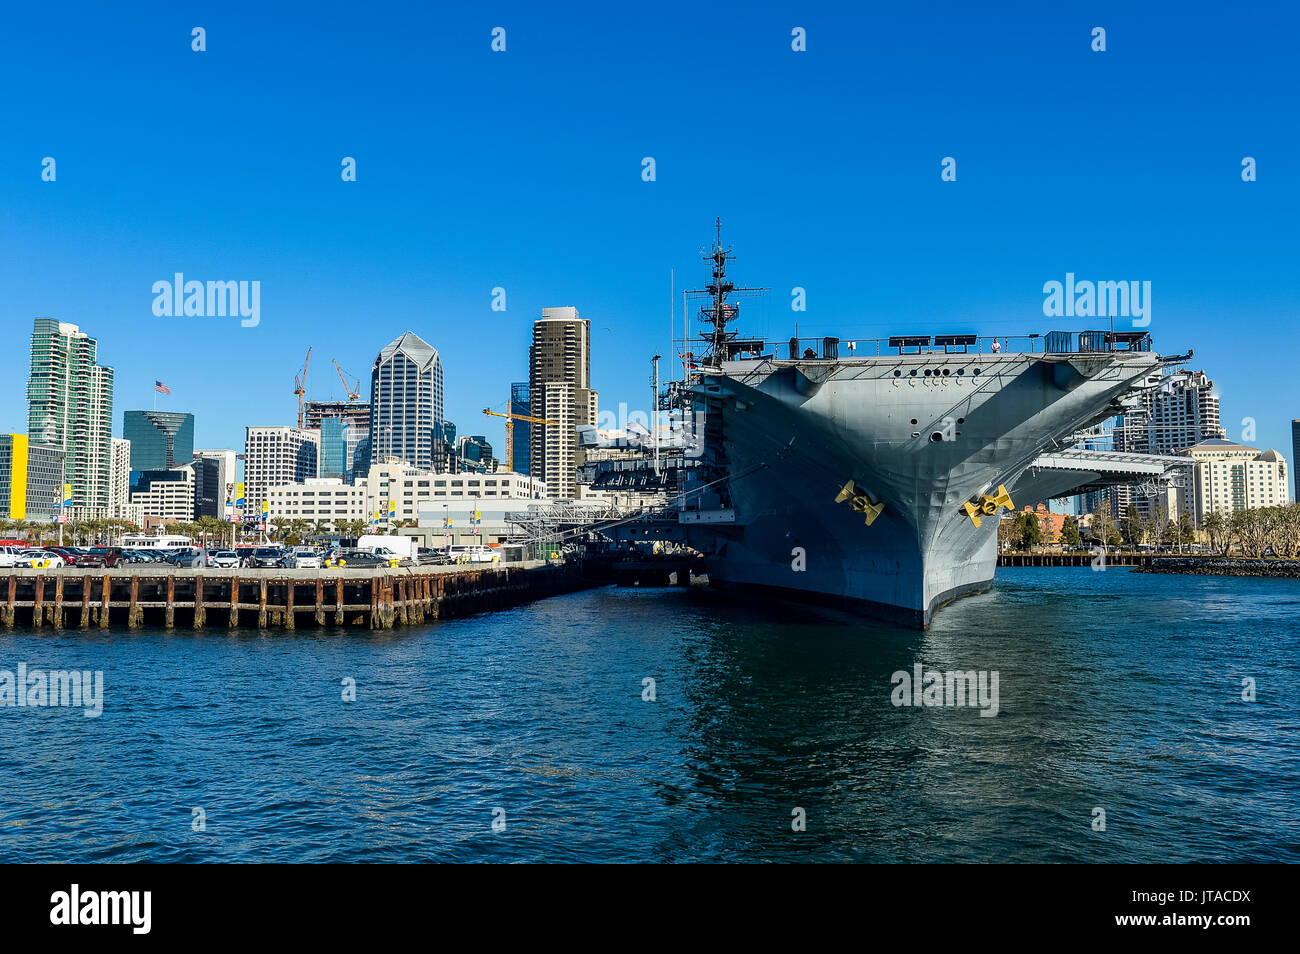 Skyline de San Diego avec l'USS Midway, Port de San Diego, Californie, États-Unis d'Amérique, Amérique du Nord Photo Stock